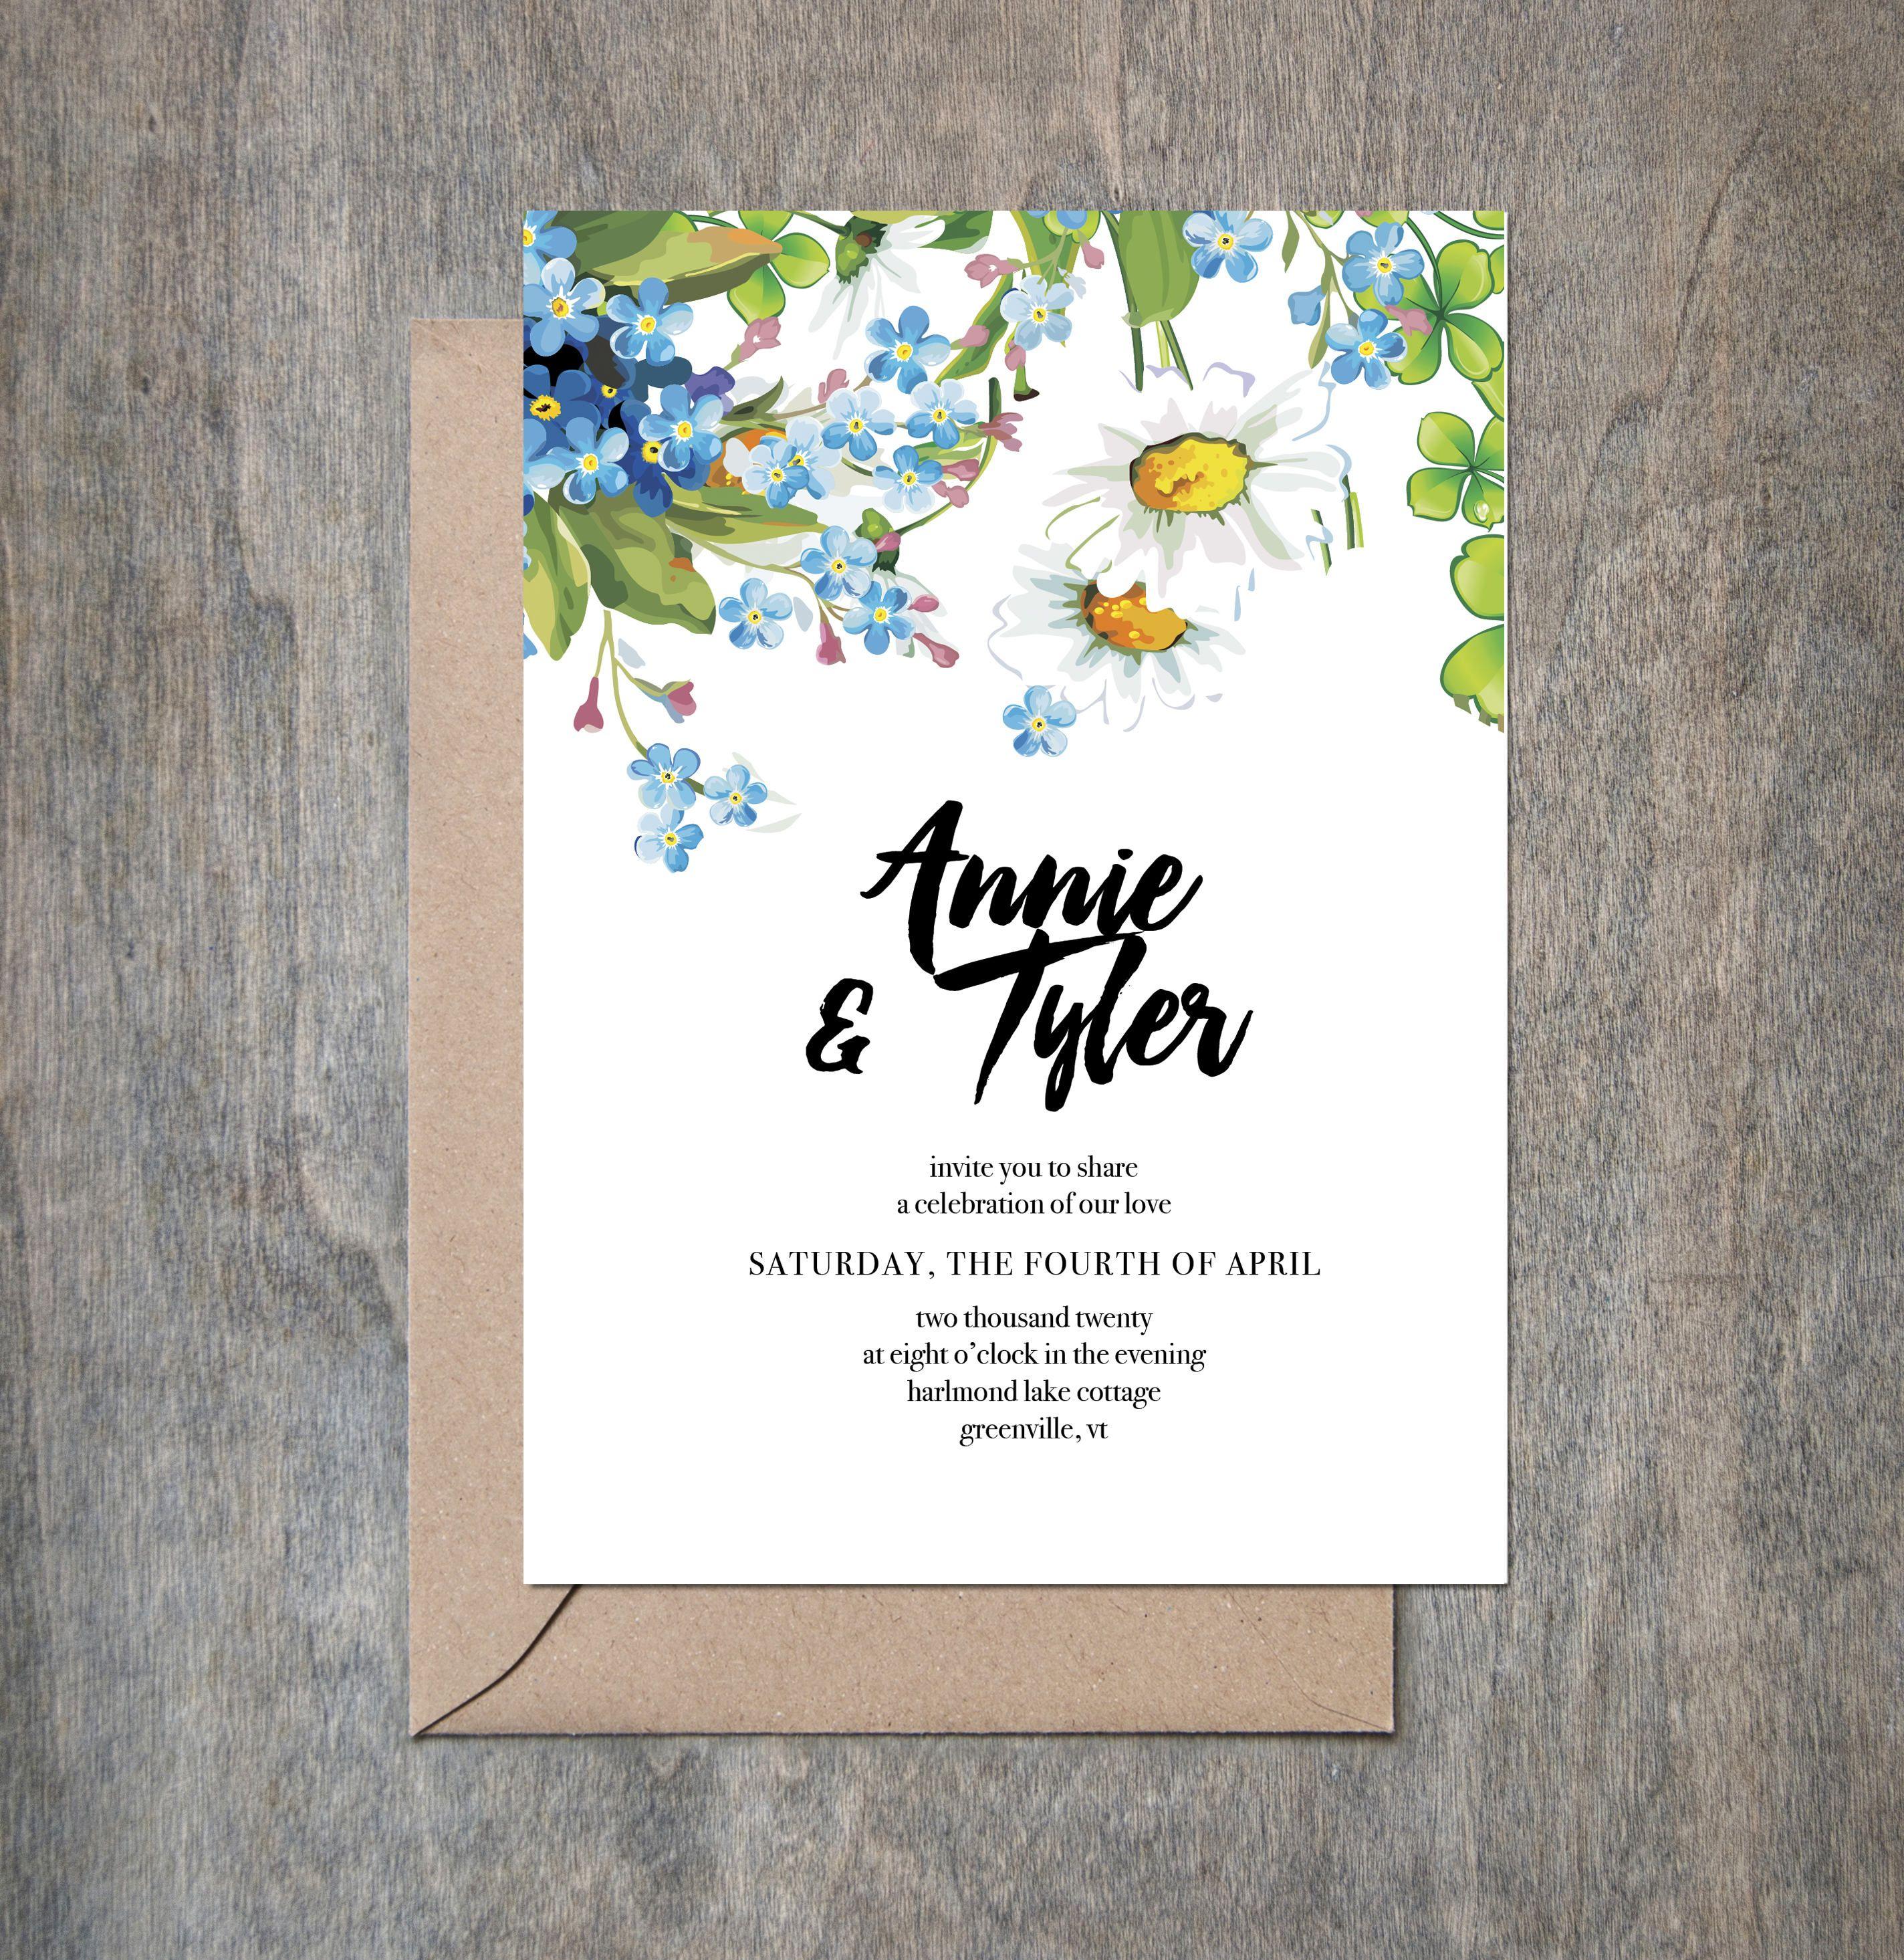 wedding invitations floral garden outdoor wedding printed or